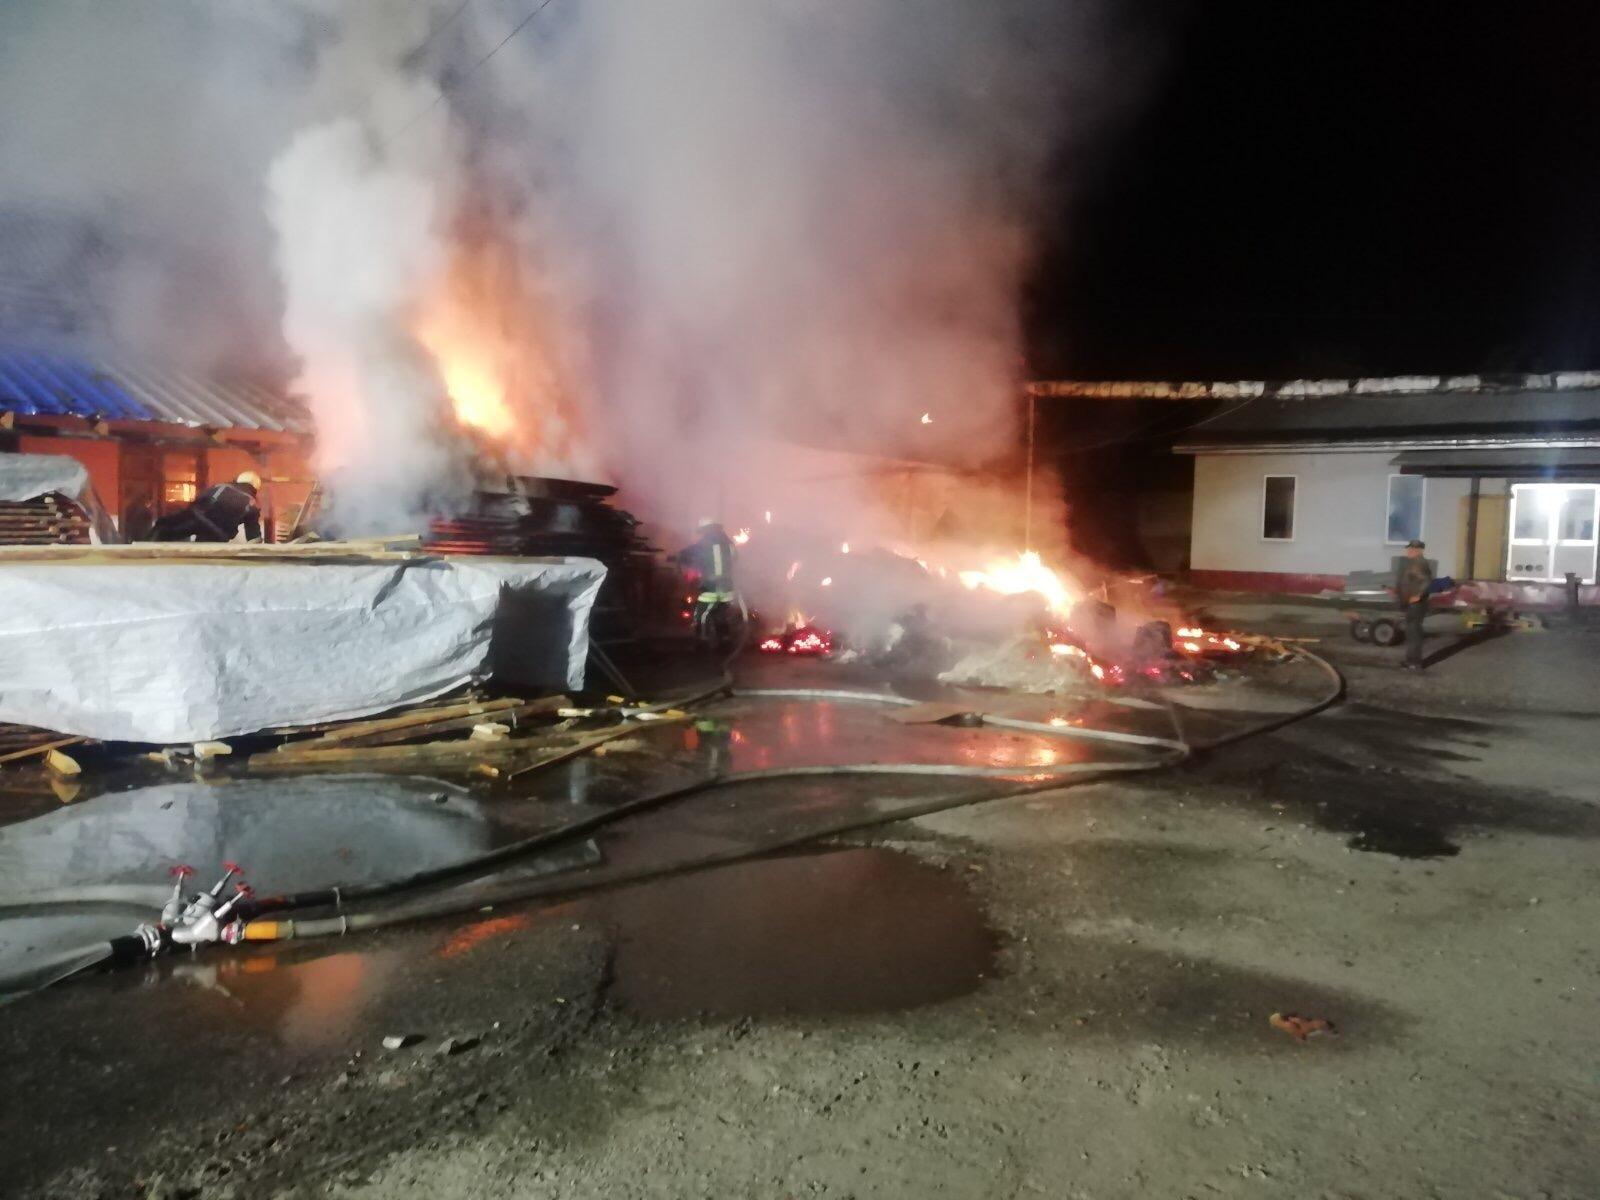 Вогонь охопив столярний цех у Білій Церкві - рятувальники, пожежа, київщина, Білоцерківщина - BC ceh 2